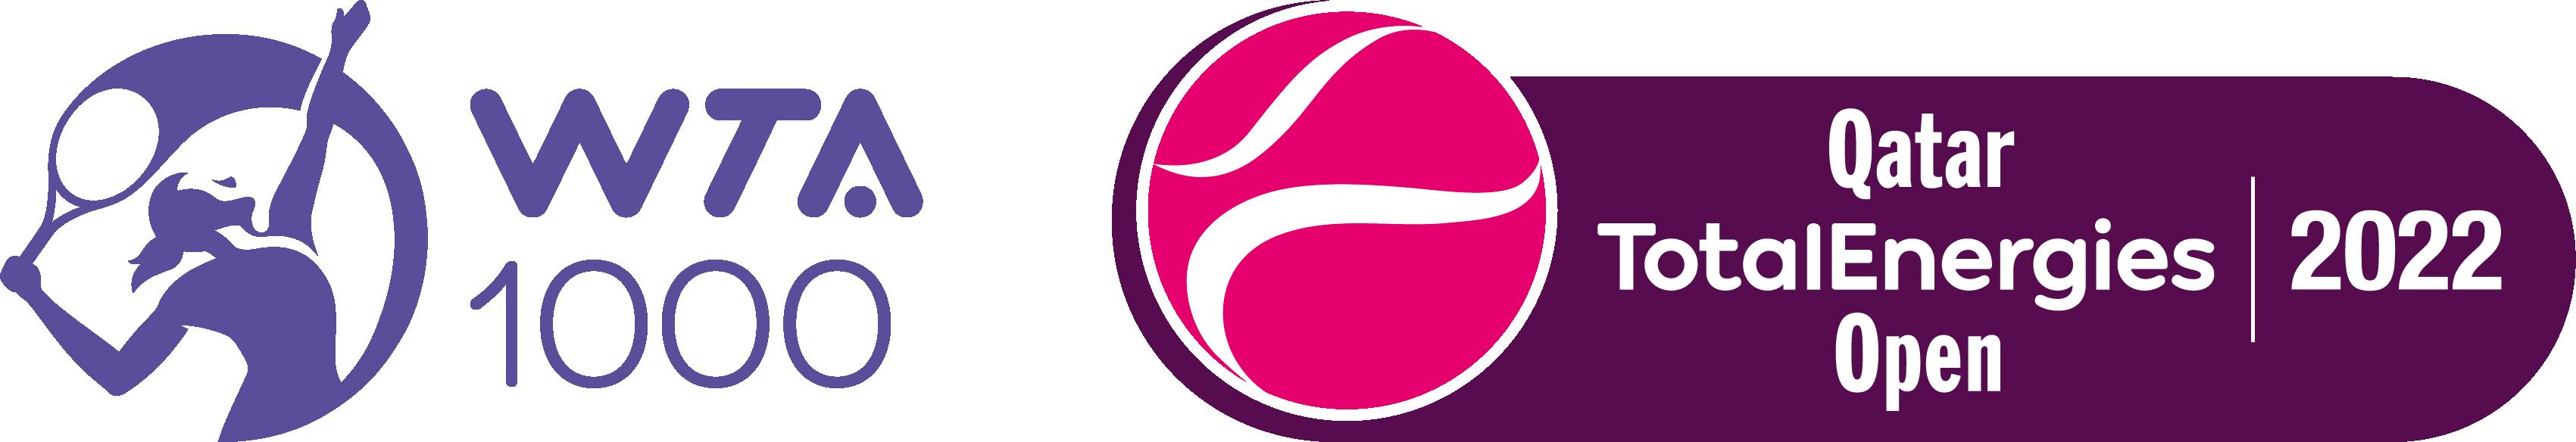 Qatar TotalEnergies Open 2022